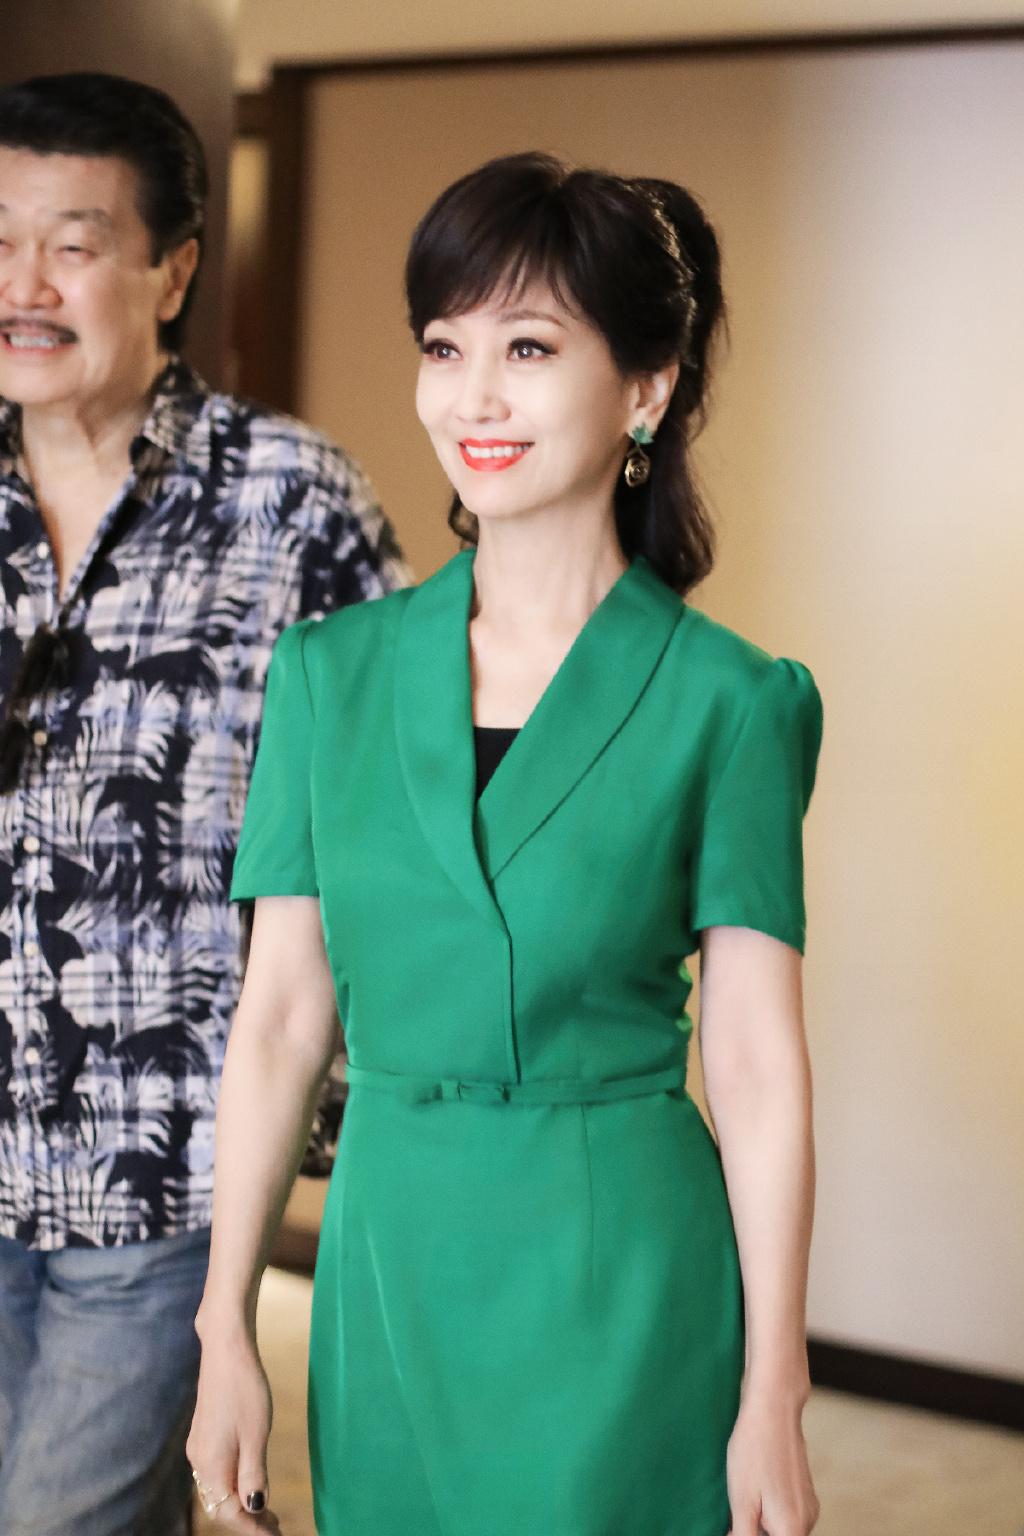 赵雅芝私服清新不装嫩,绿裙搭配高马尾好清纯,又成50后穿衣典范